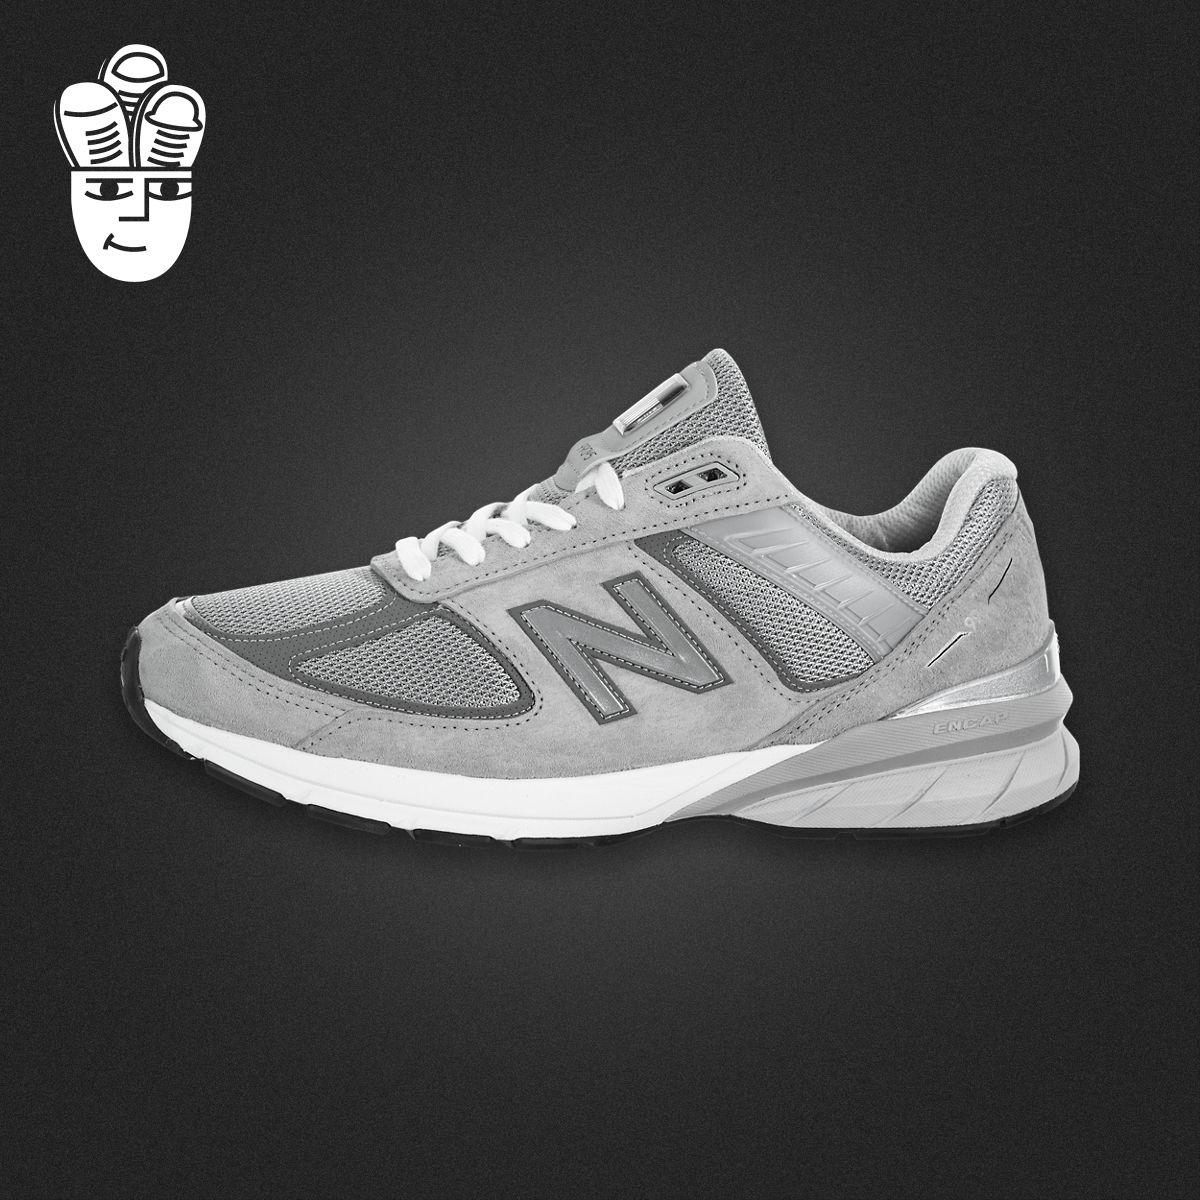 New Balance 990v5 (2E Wide) NB男鞋 经典复古跑步鞋 运动鞋